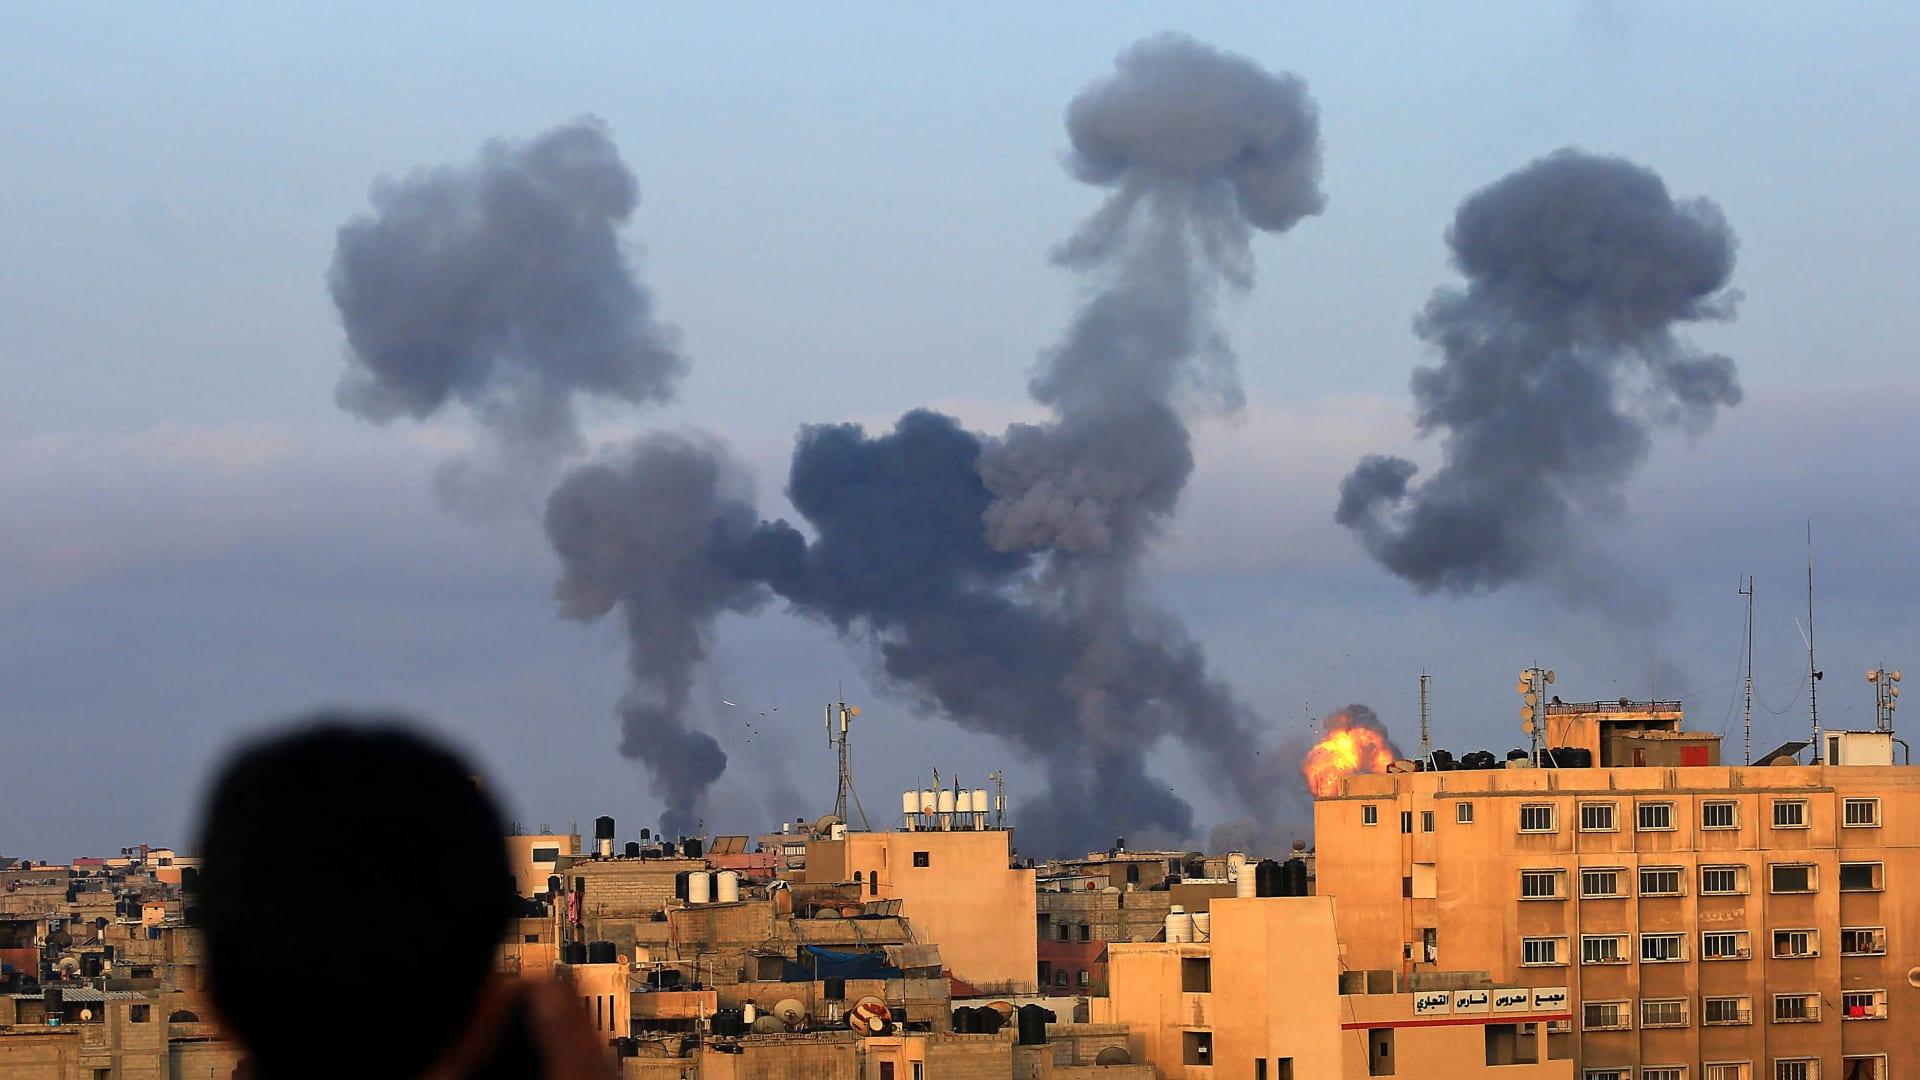 غارات إسرائيلية على غزة وصواريخ فلسطينية تضيء ليل تل أبيب